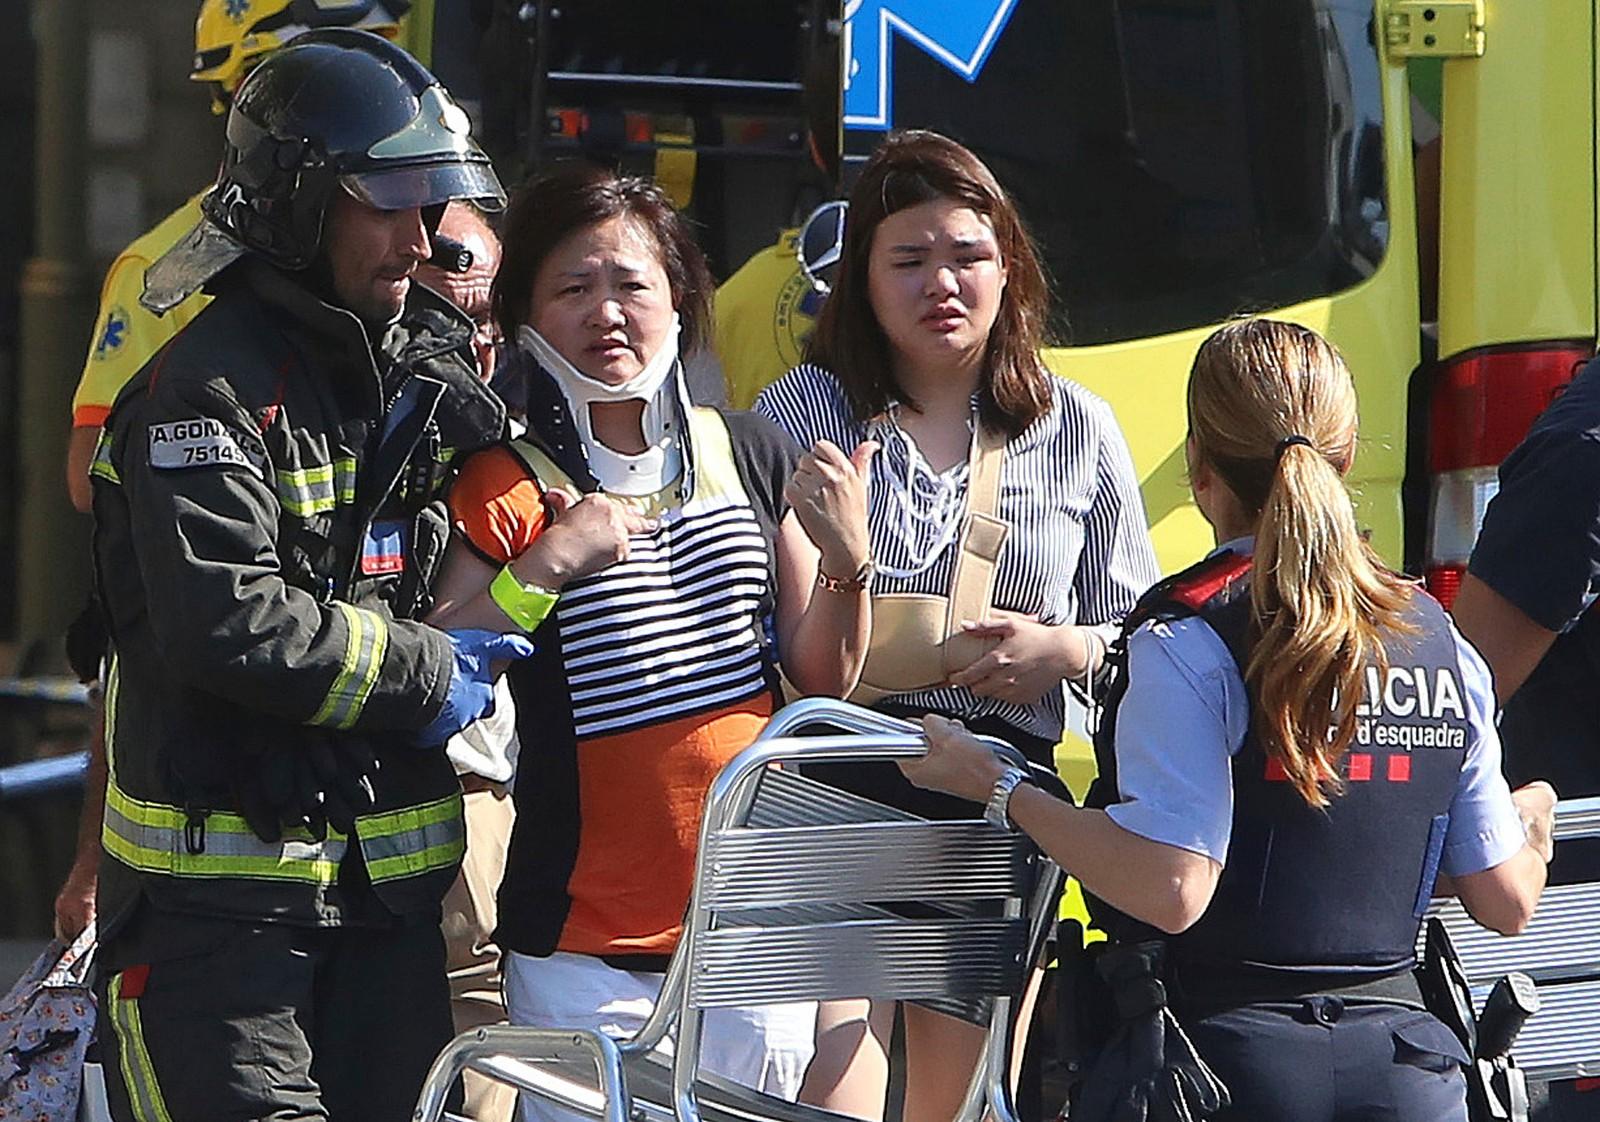 FÅR BEHANDLING: Skadde får behandling etter angrepet.